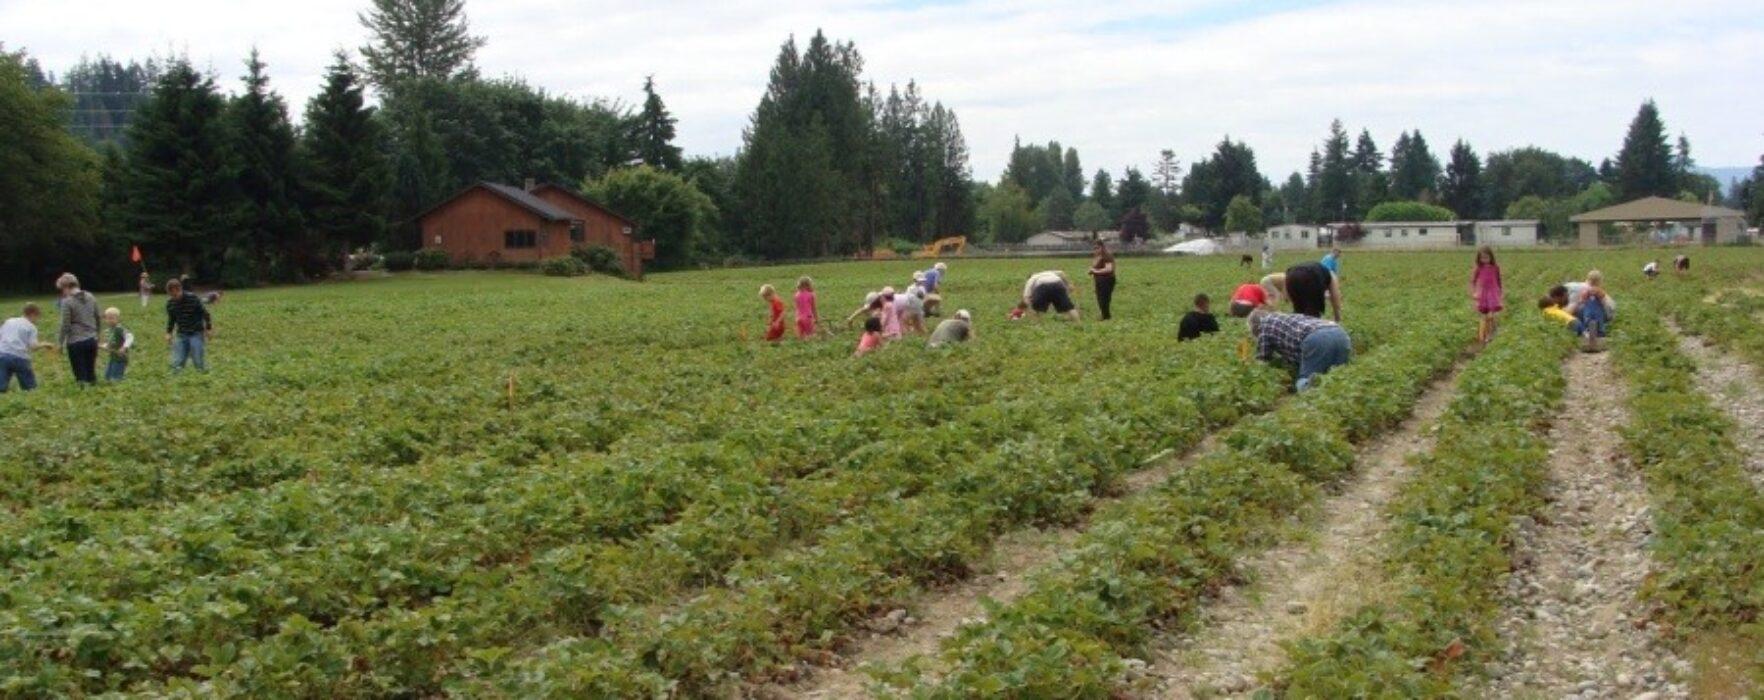 Se caută culegători de căpşuni în Danemarca